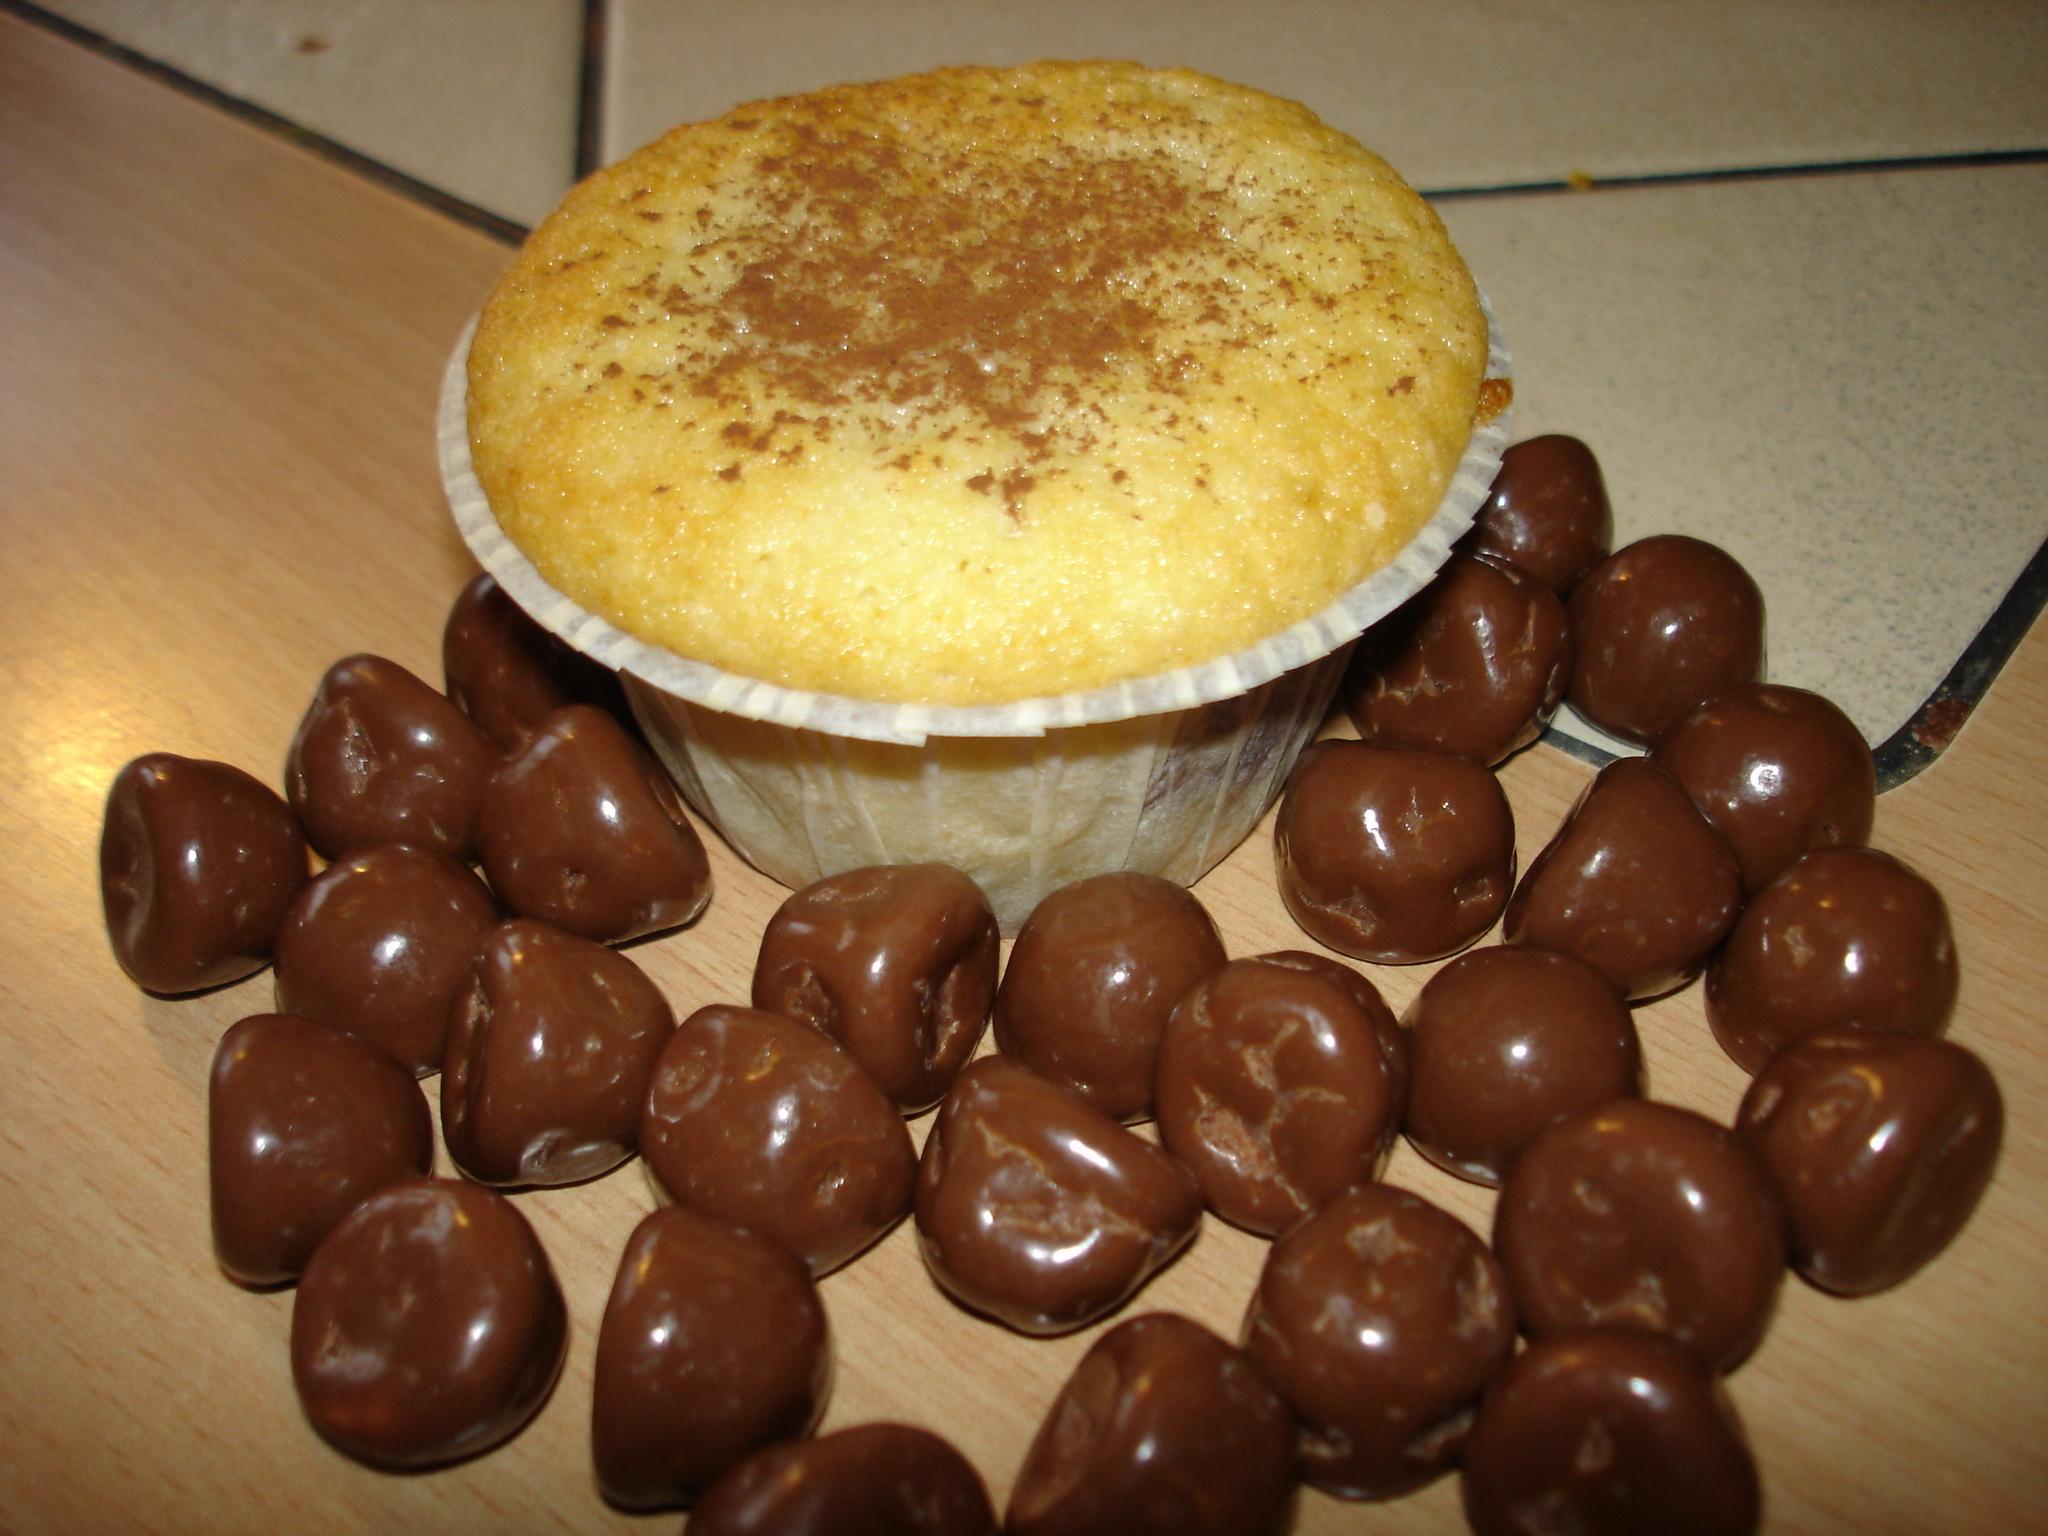 stora amerikanska muffins